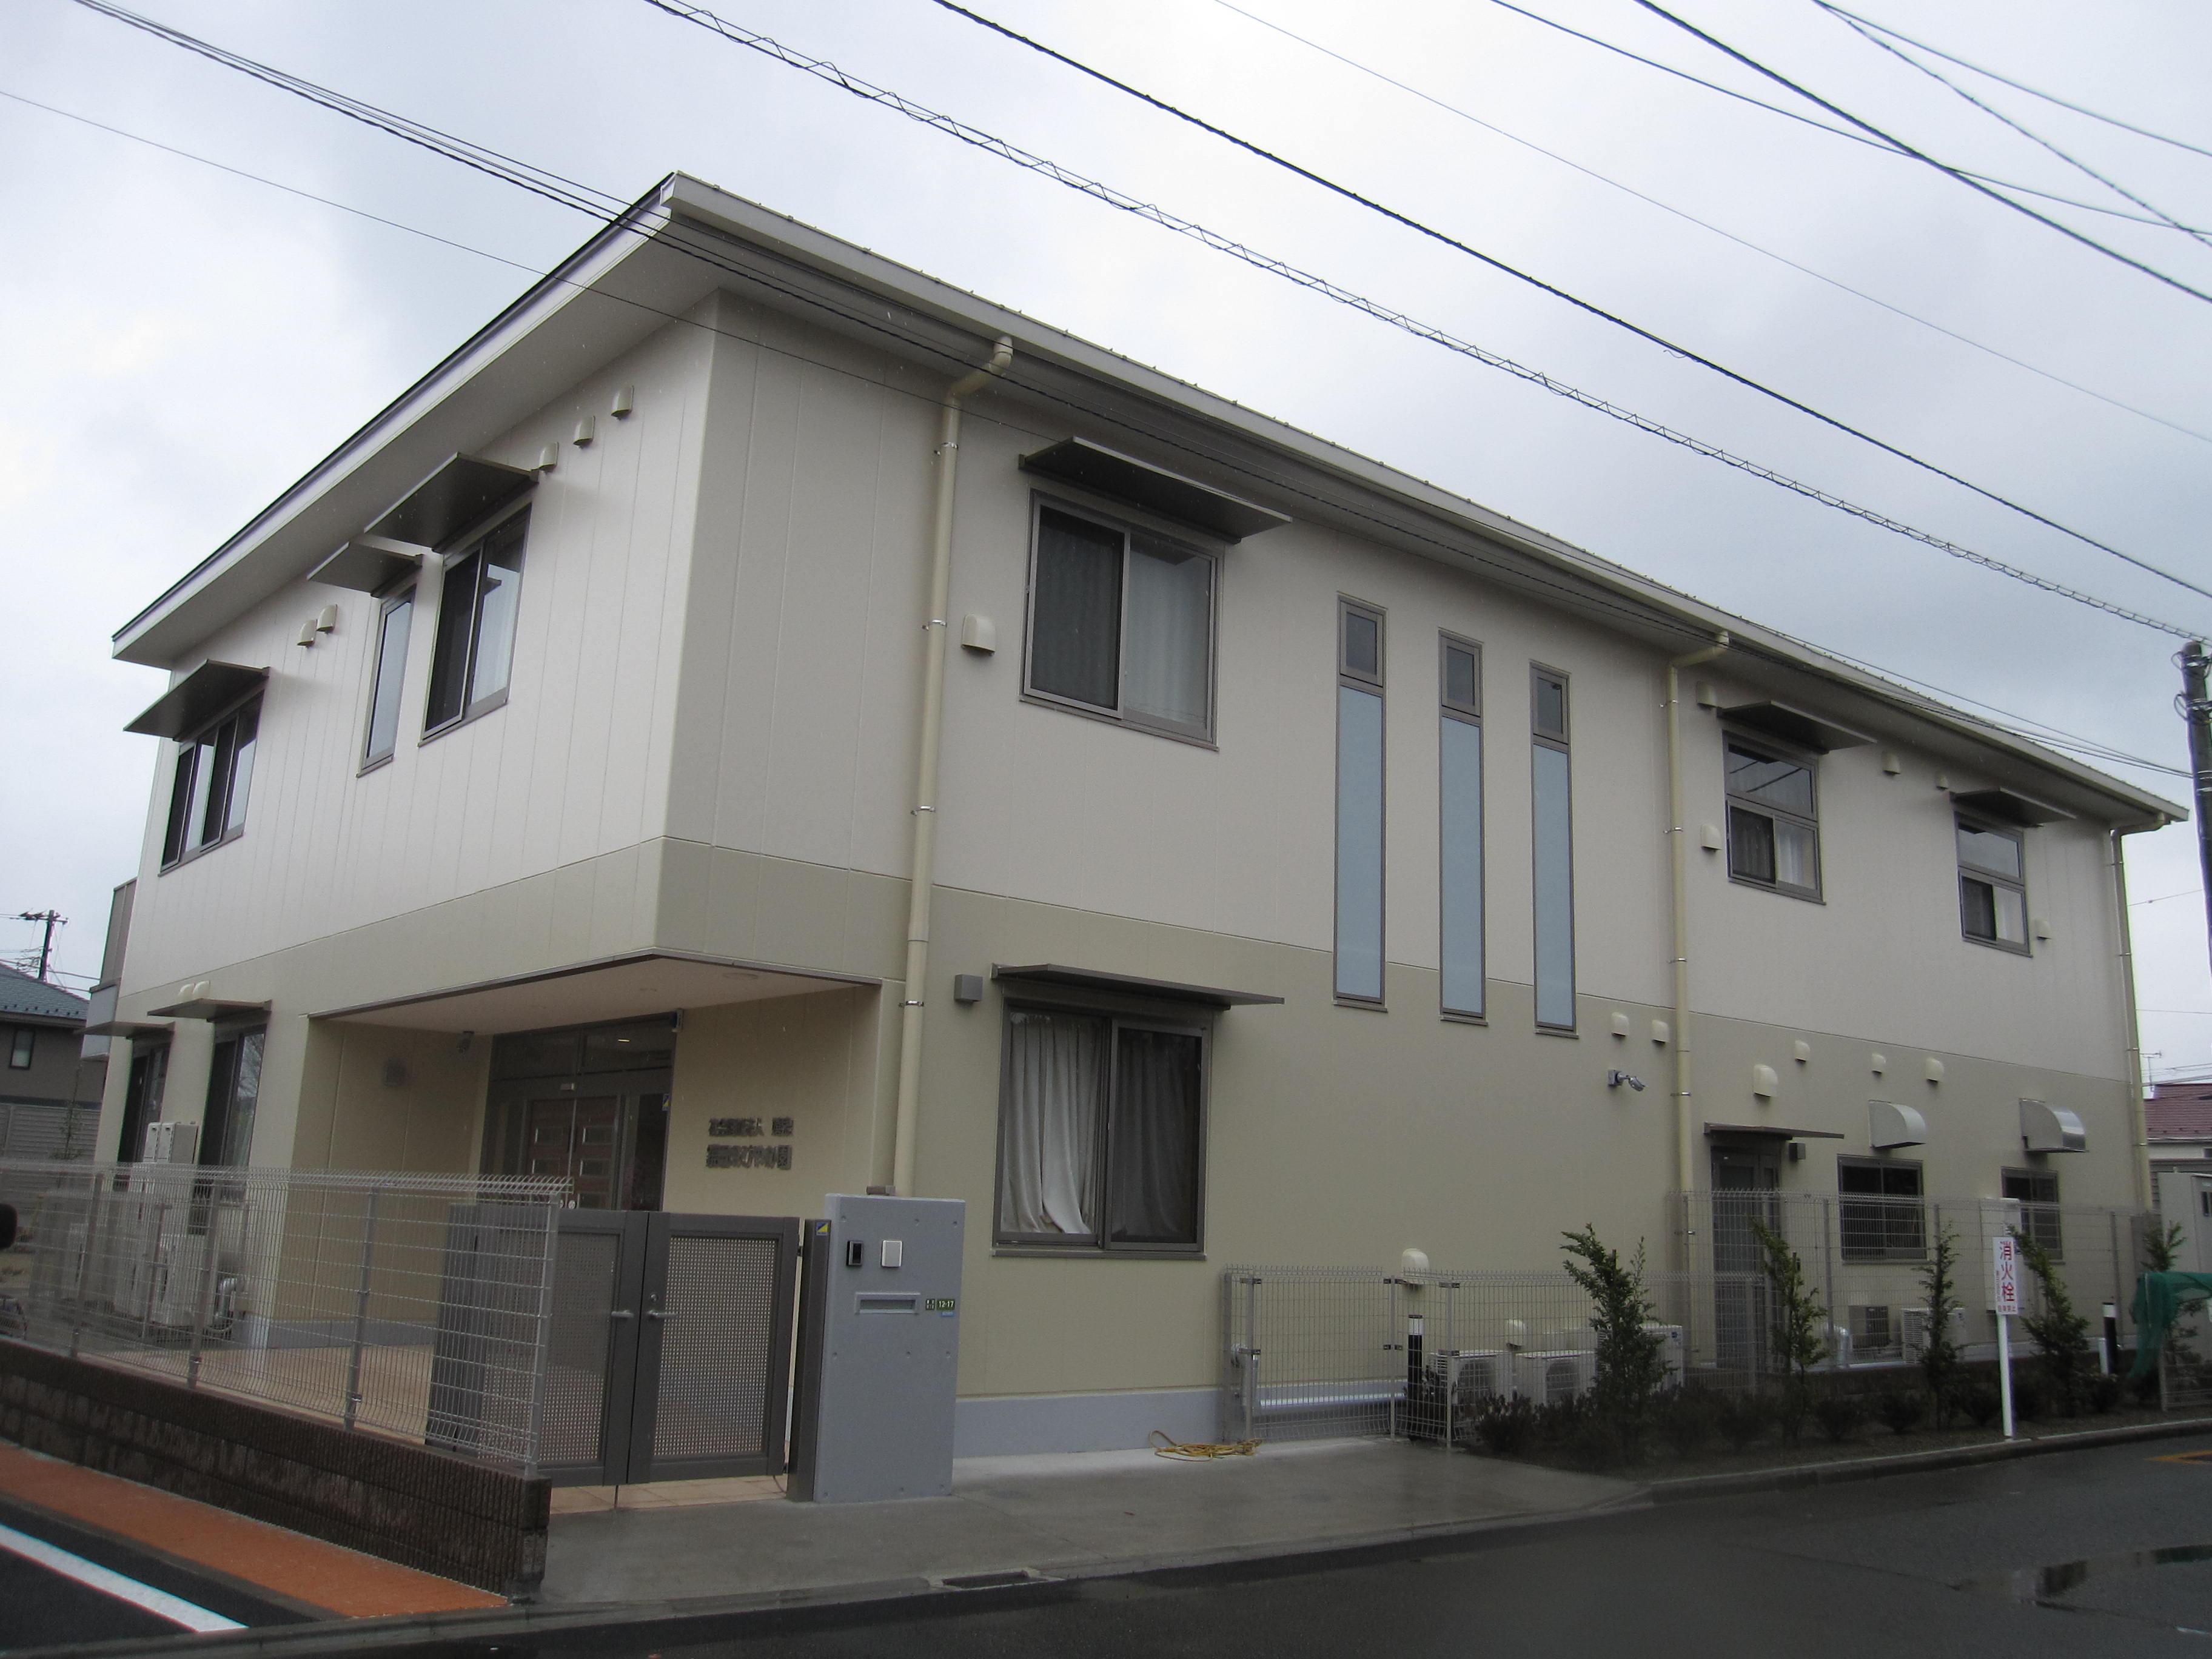 鎌田のびやか園(ライオン)